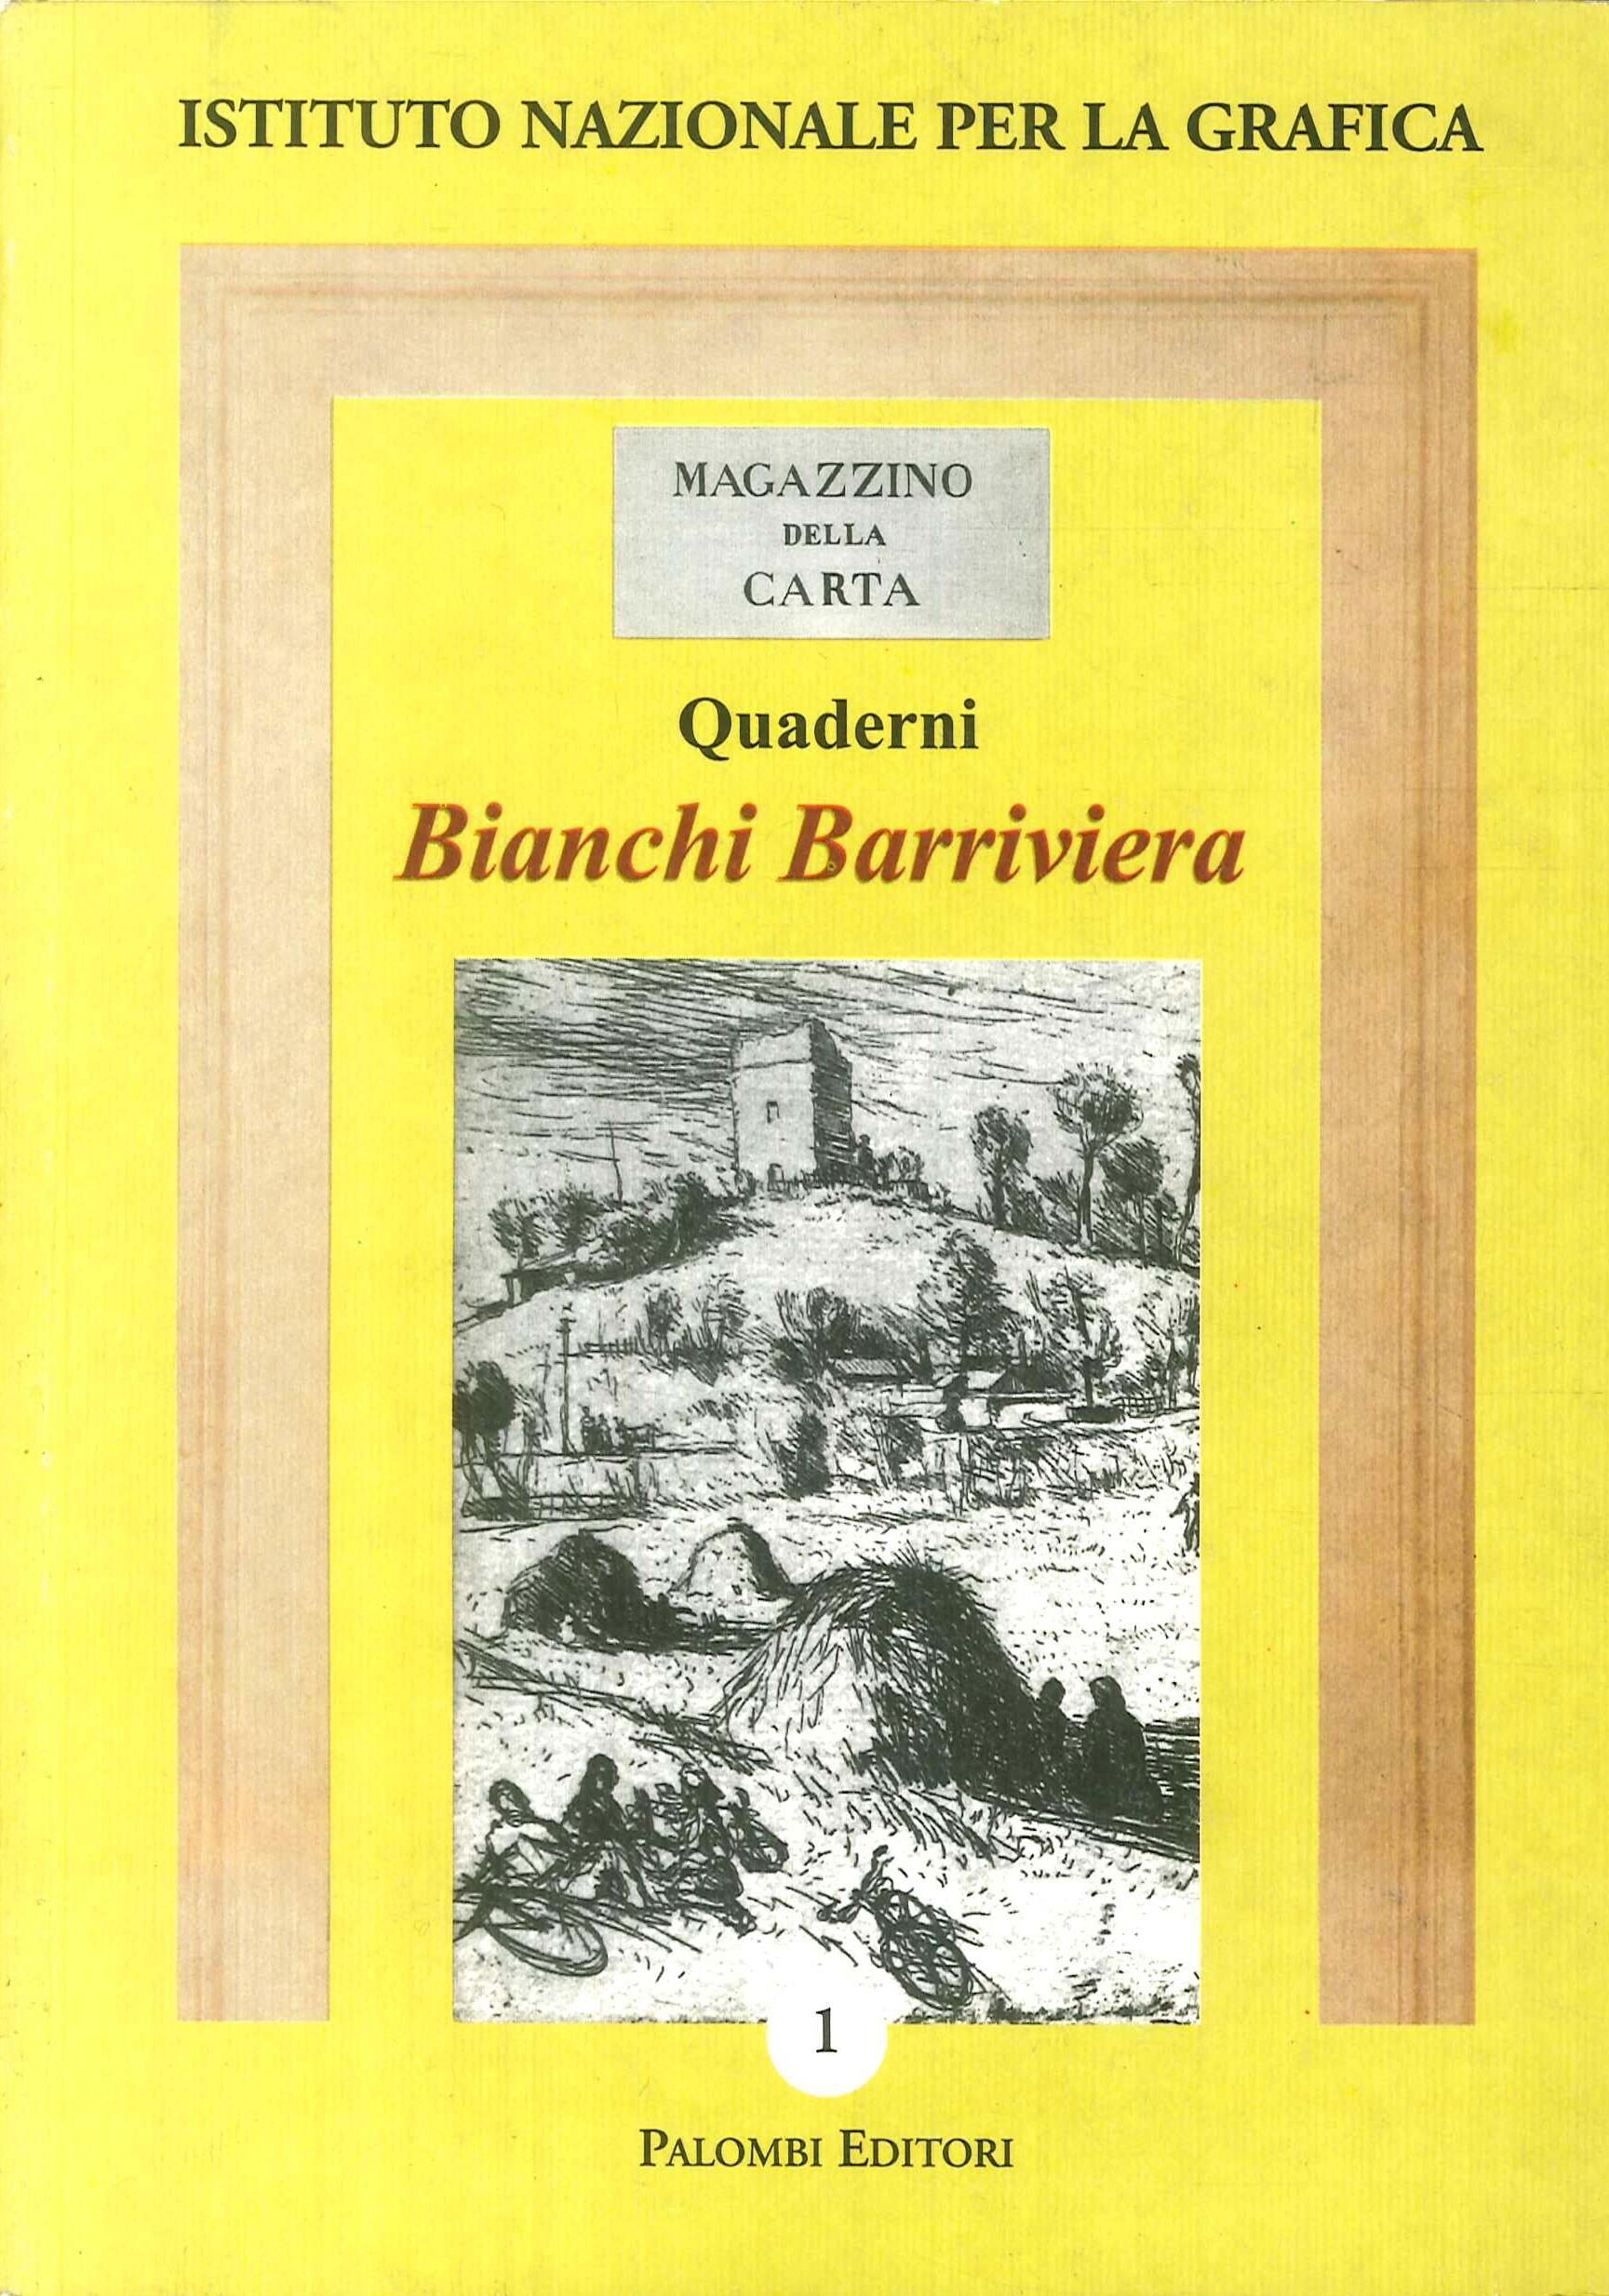 Bianchi Barriviera. Catalogo dell'opera incisa.